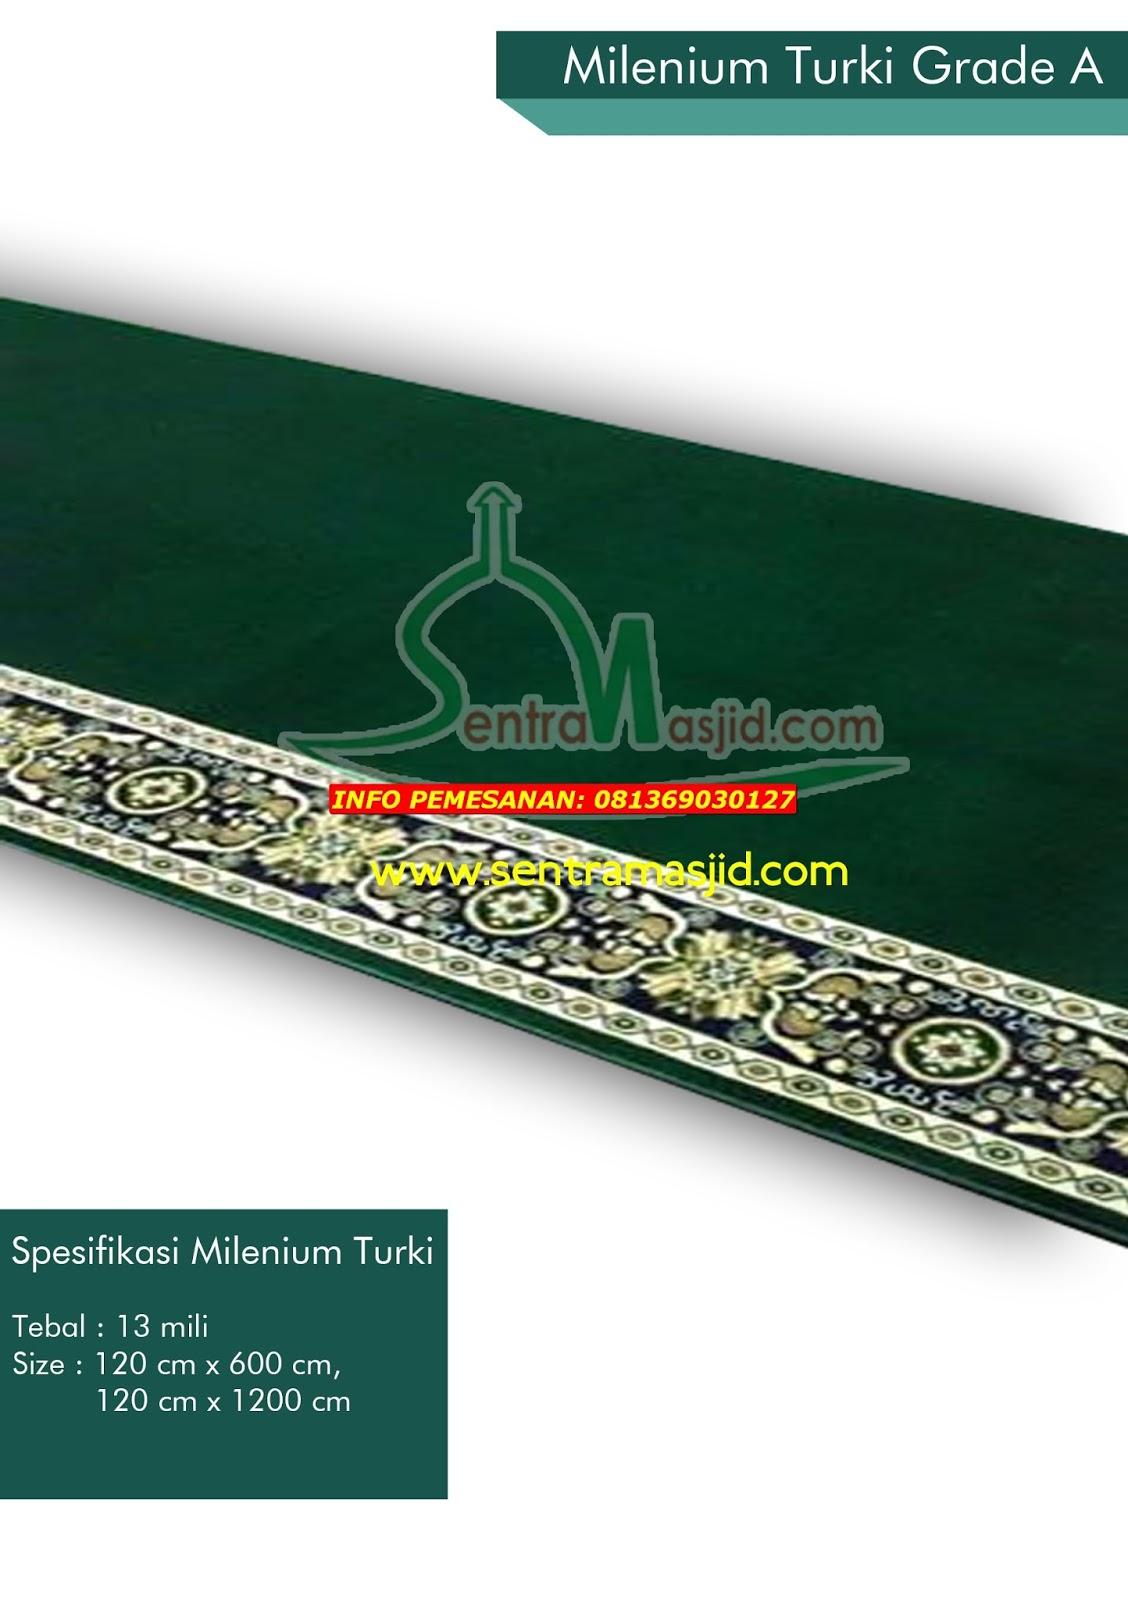 Harga Karpet Masjid Di Yogyakarta